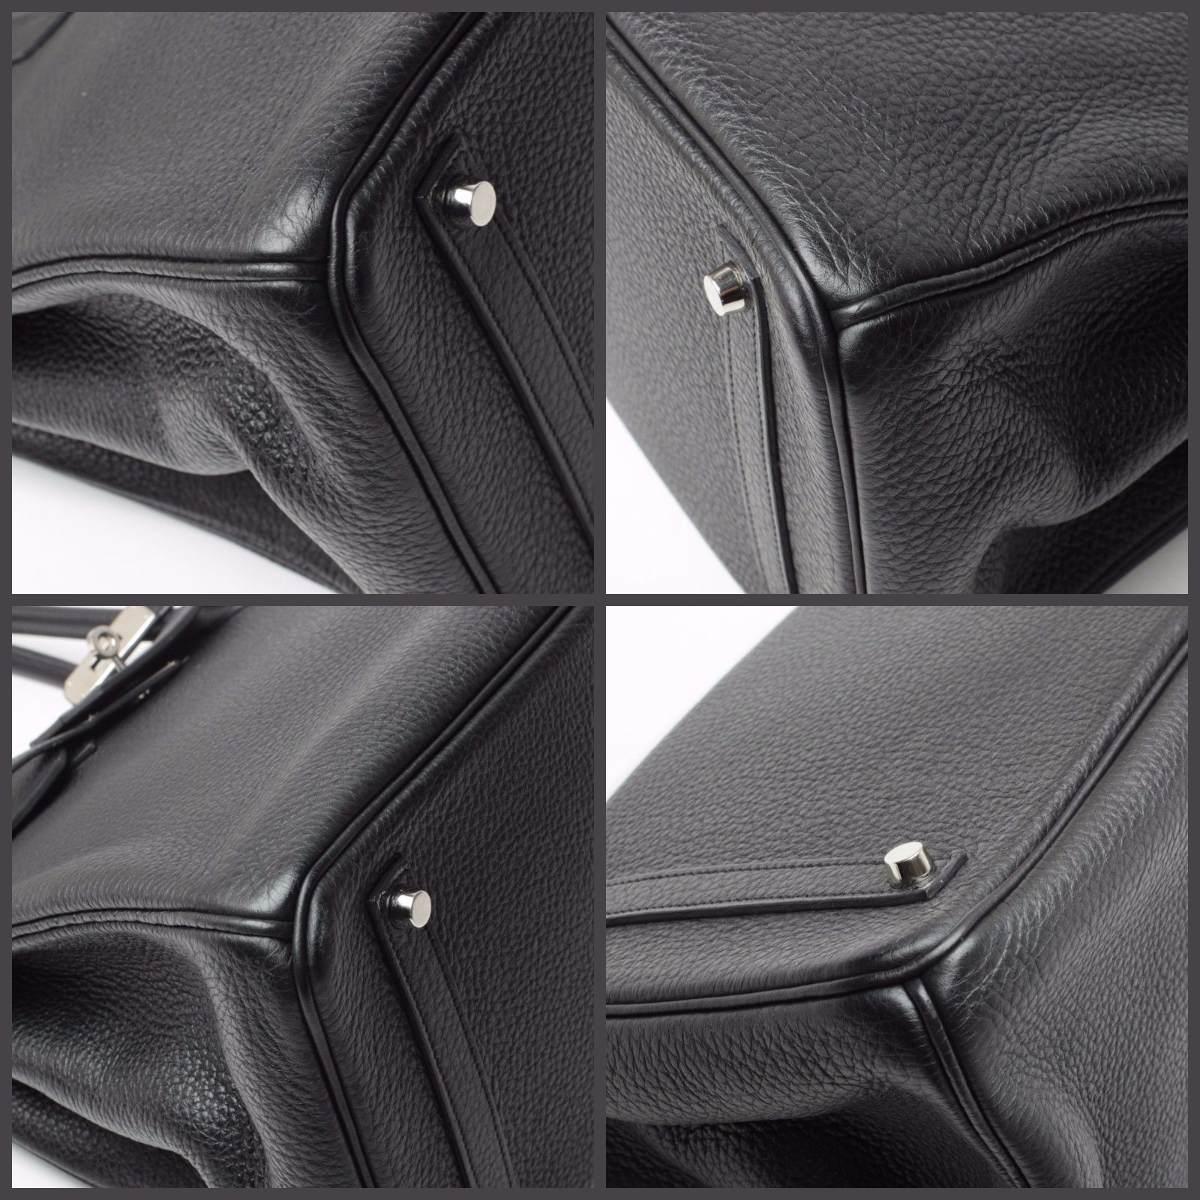 a038ed186 Bolsa Hermès Birkin Preta 35 - R$ 42.000,00 em Mercado Livre